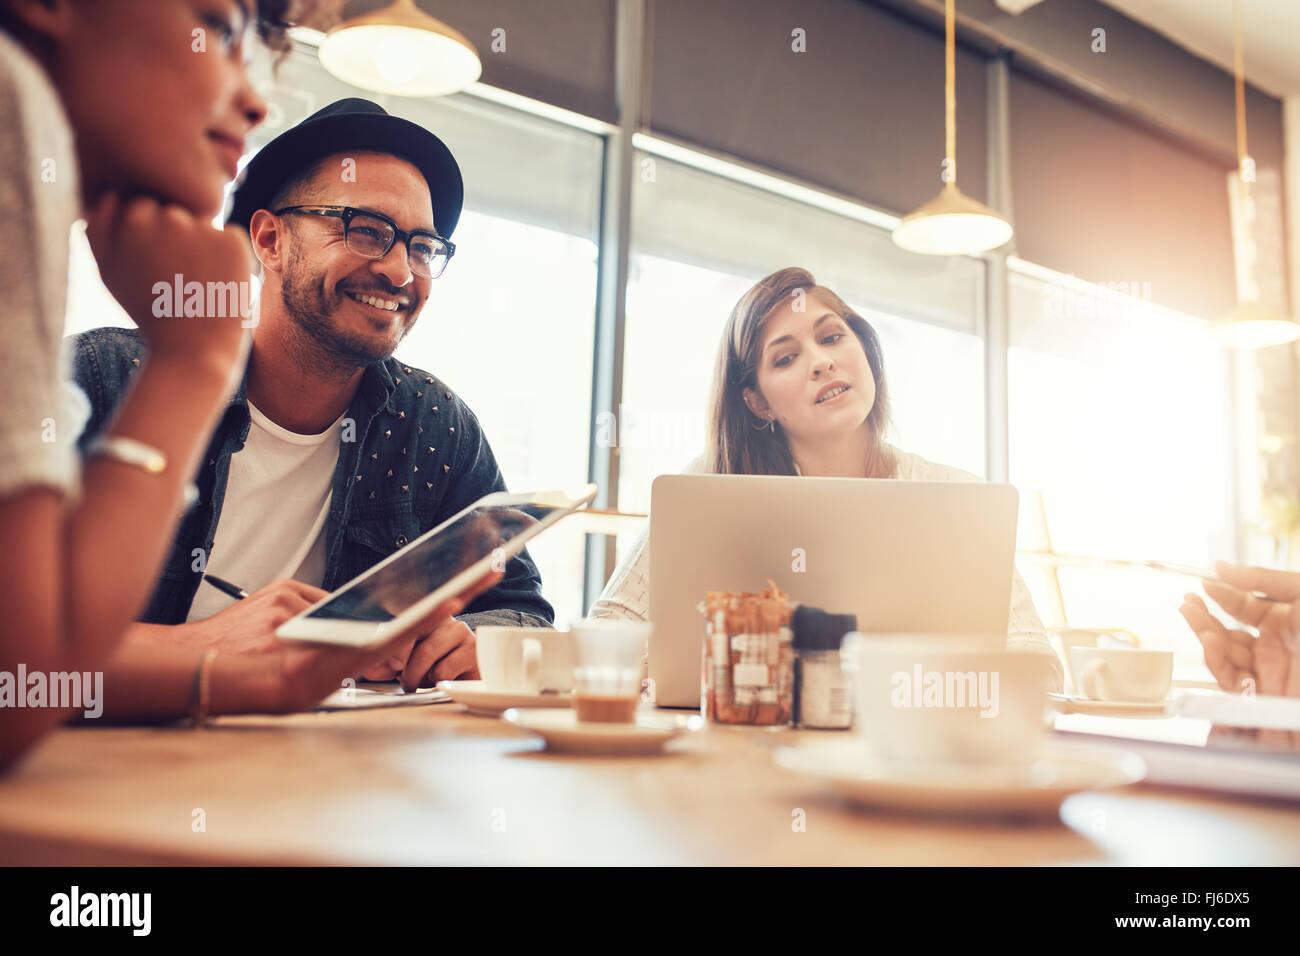 Retrato de joven feliz sentarse y conversar con amigos en un café. Los jóvenes en una cafetería con Imagen De Stock